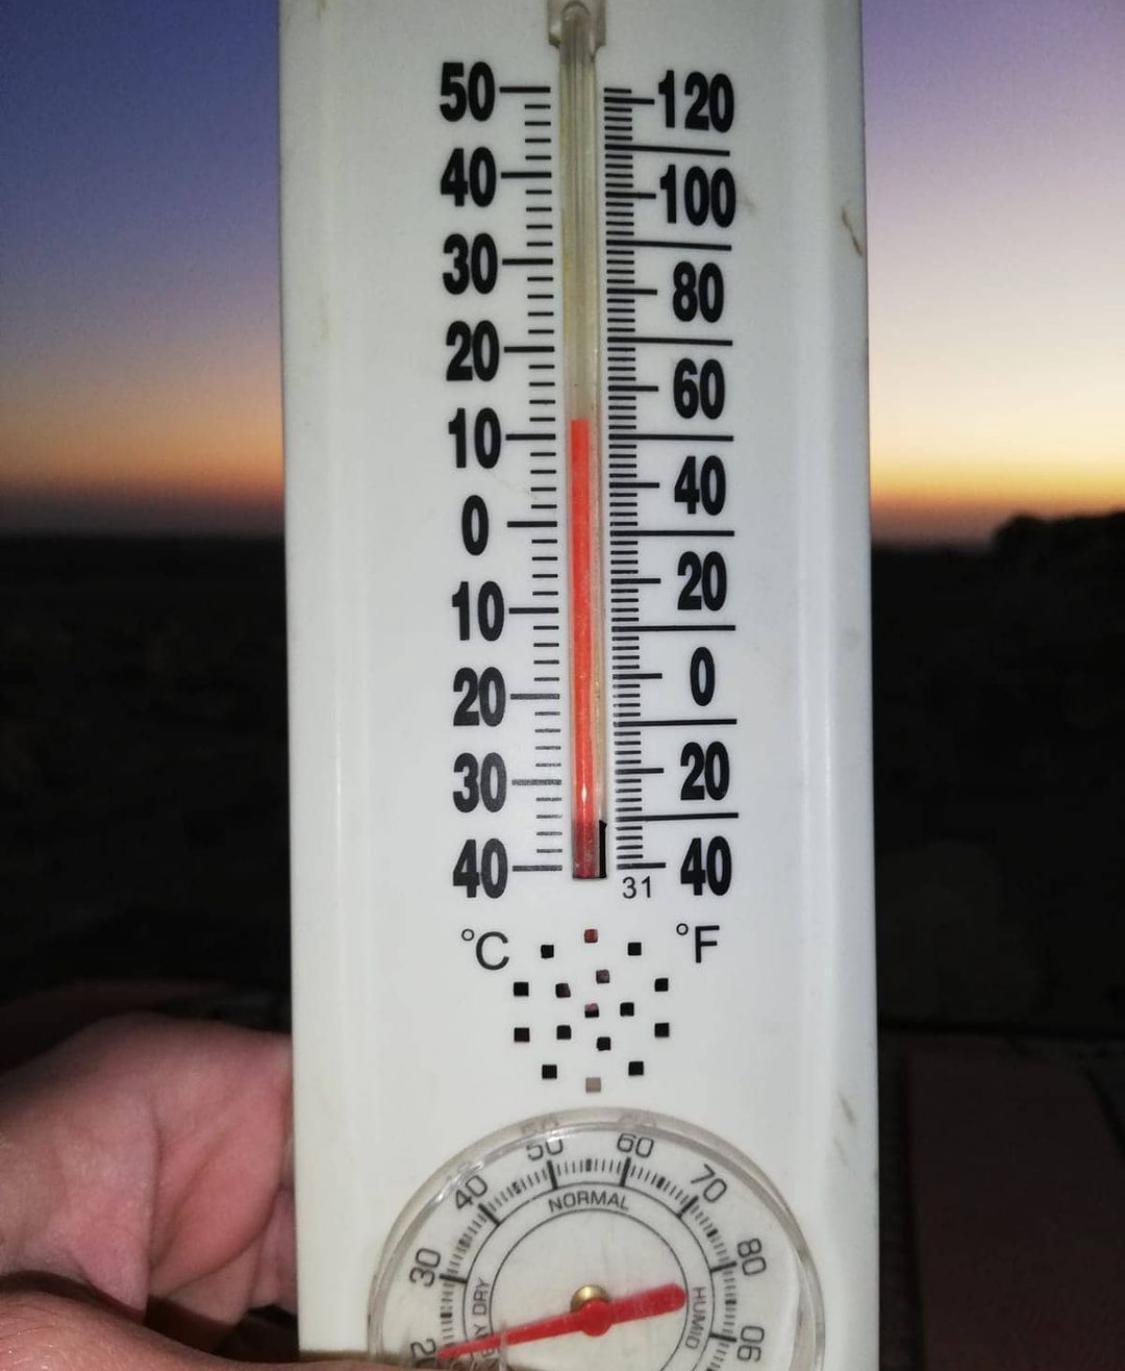 درجة الحرارة بلغت 11 درجة مئوية في جنوب البحرين